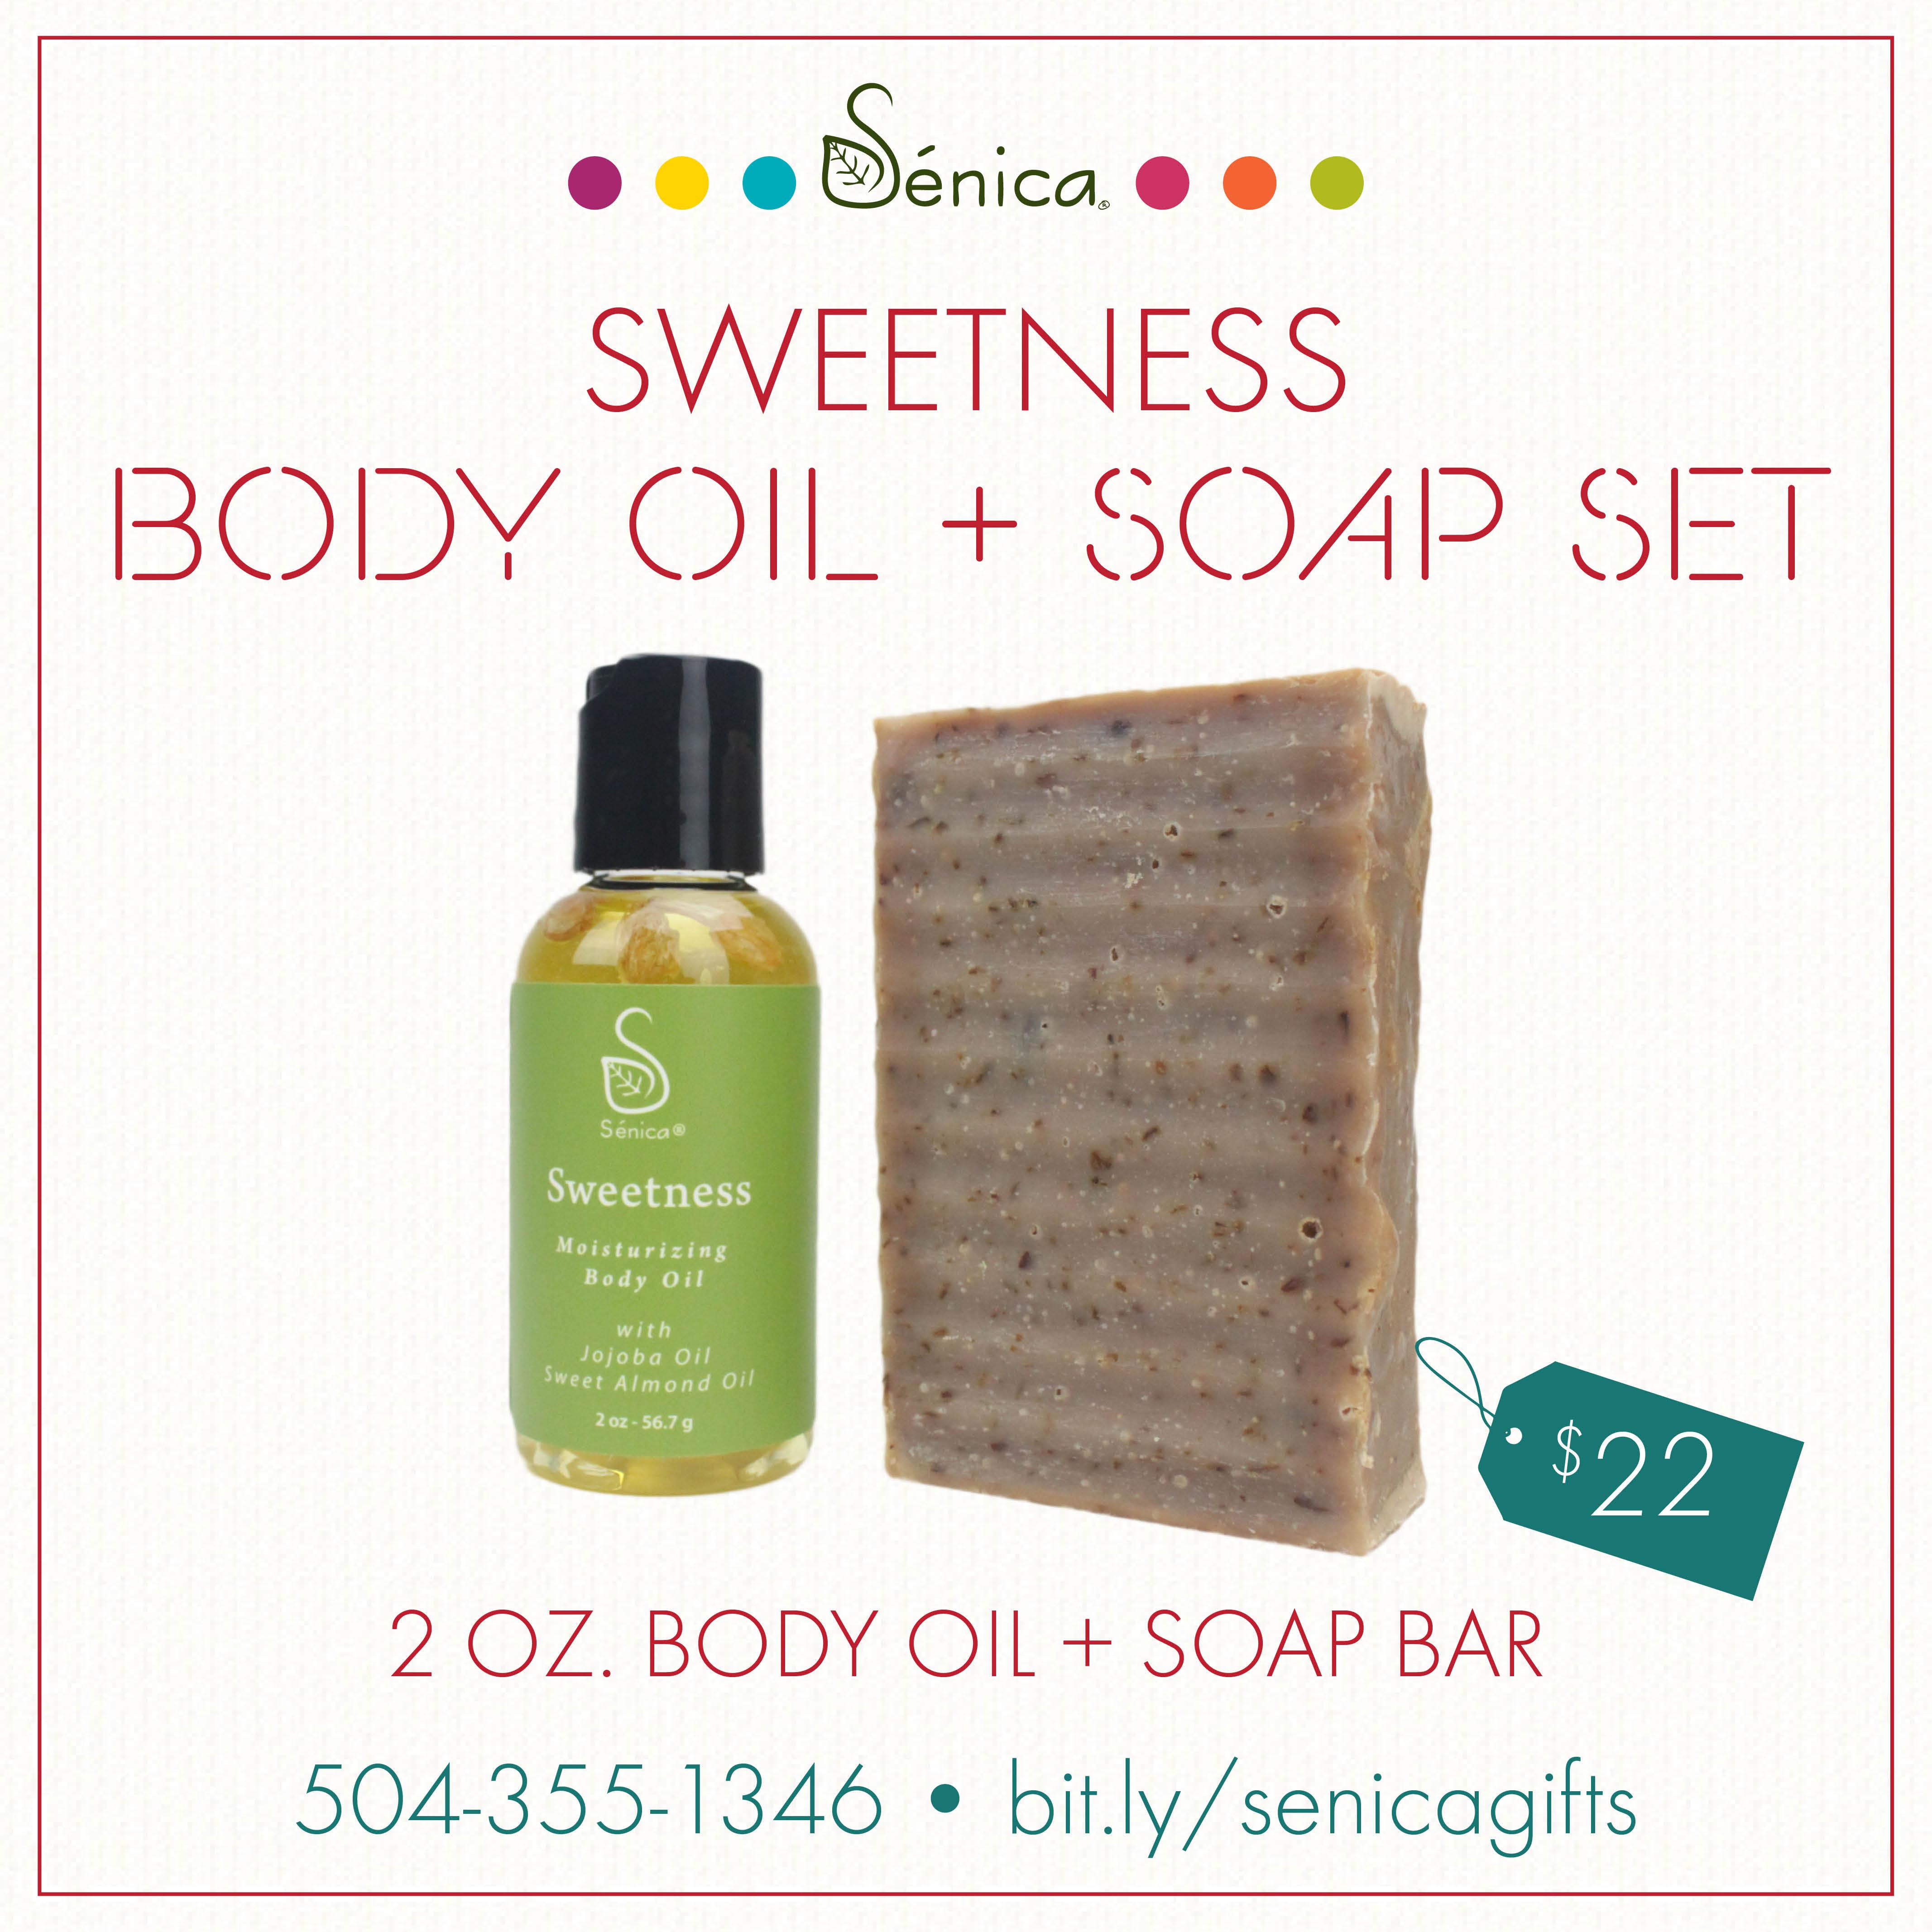 Gallery - Sweetness Body Oil & Soap Set